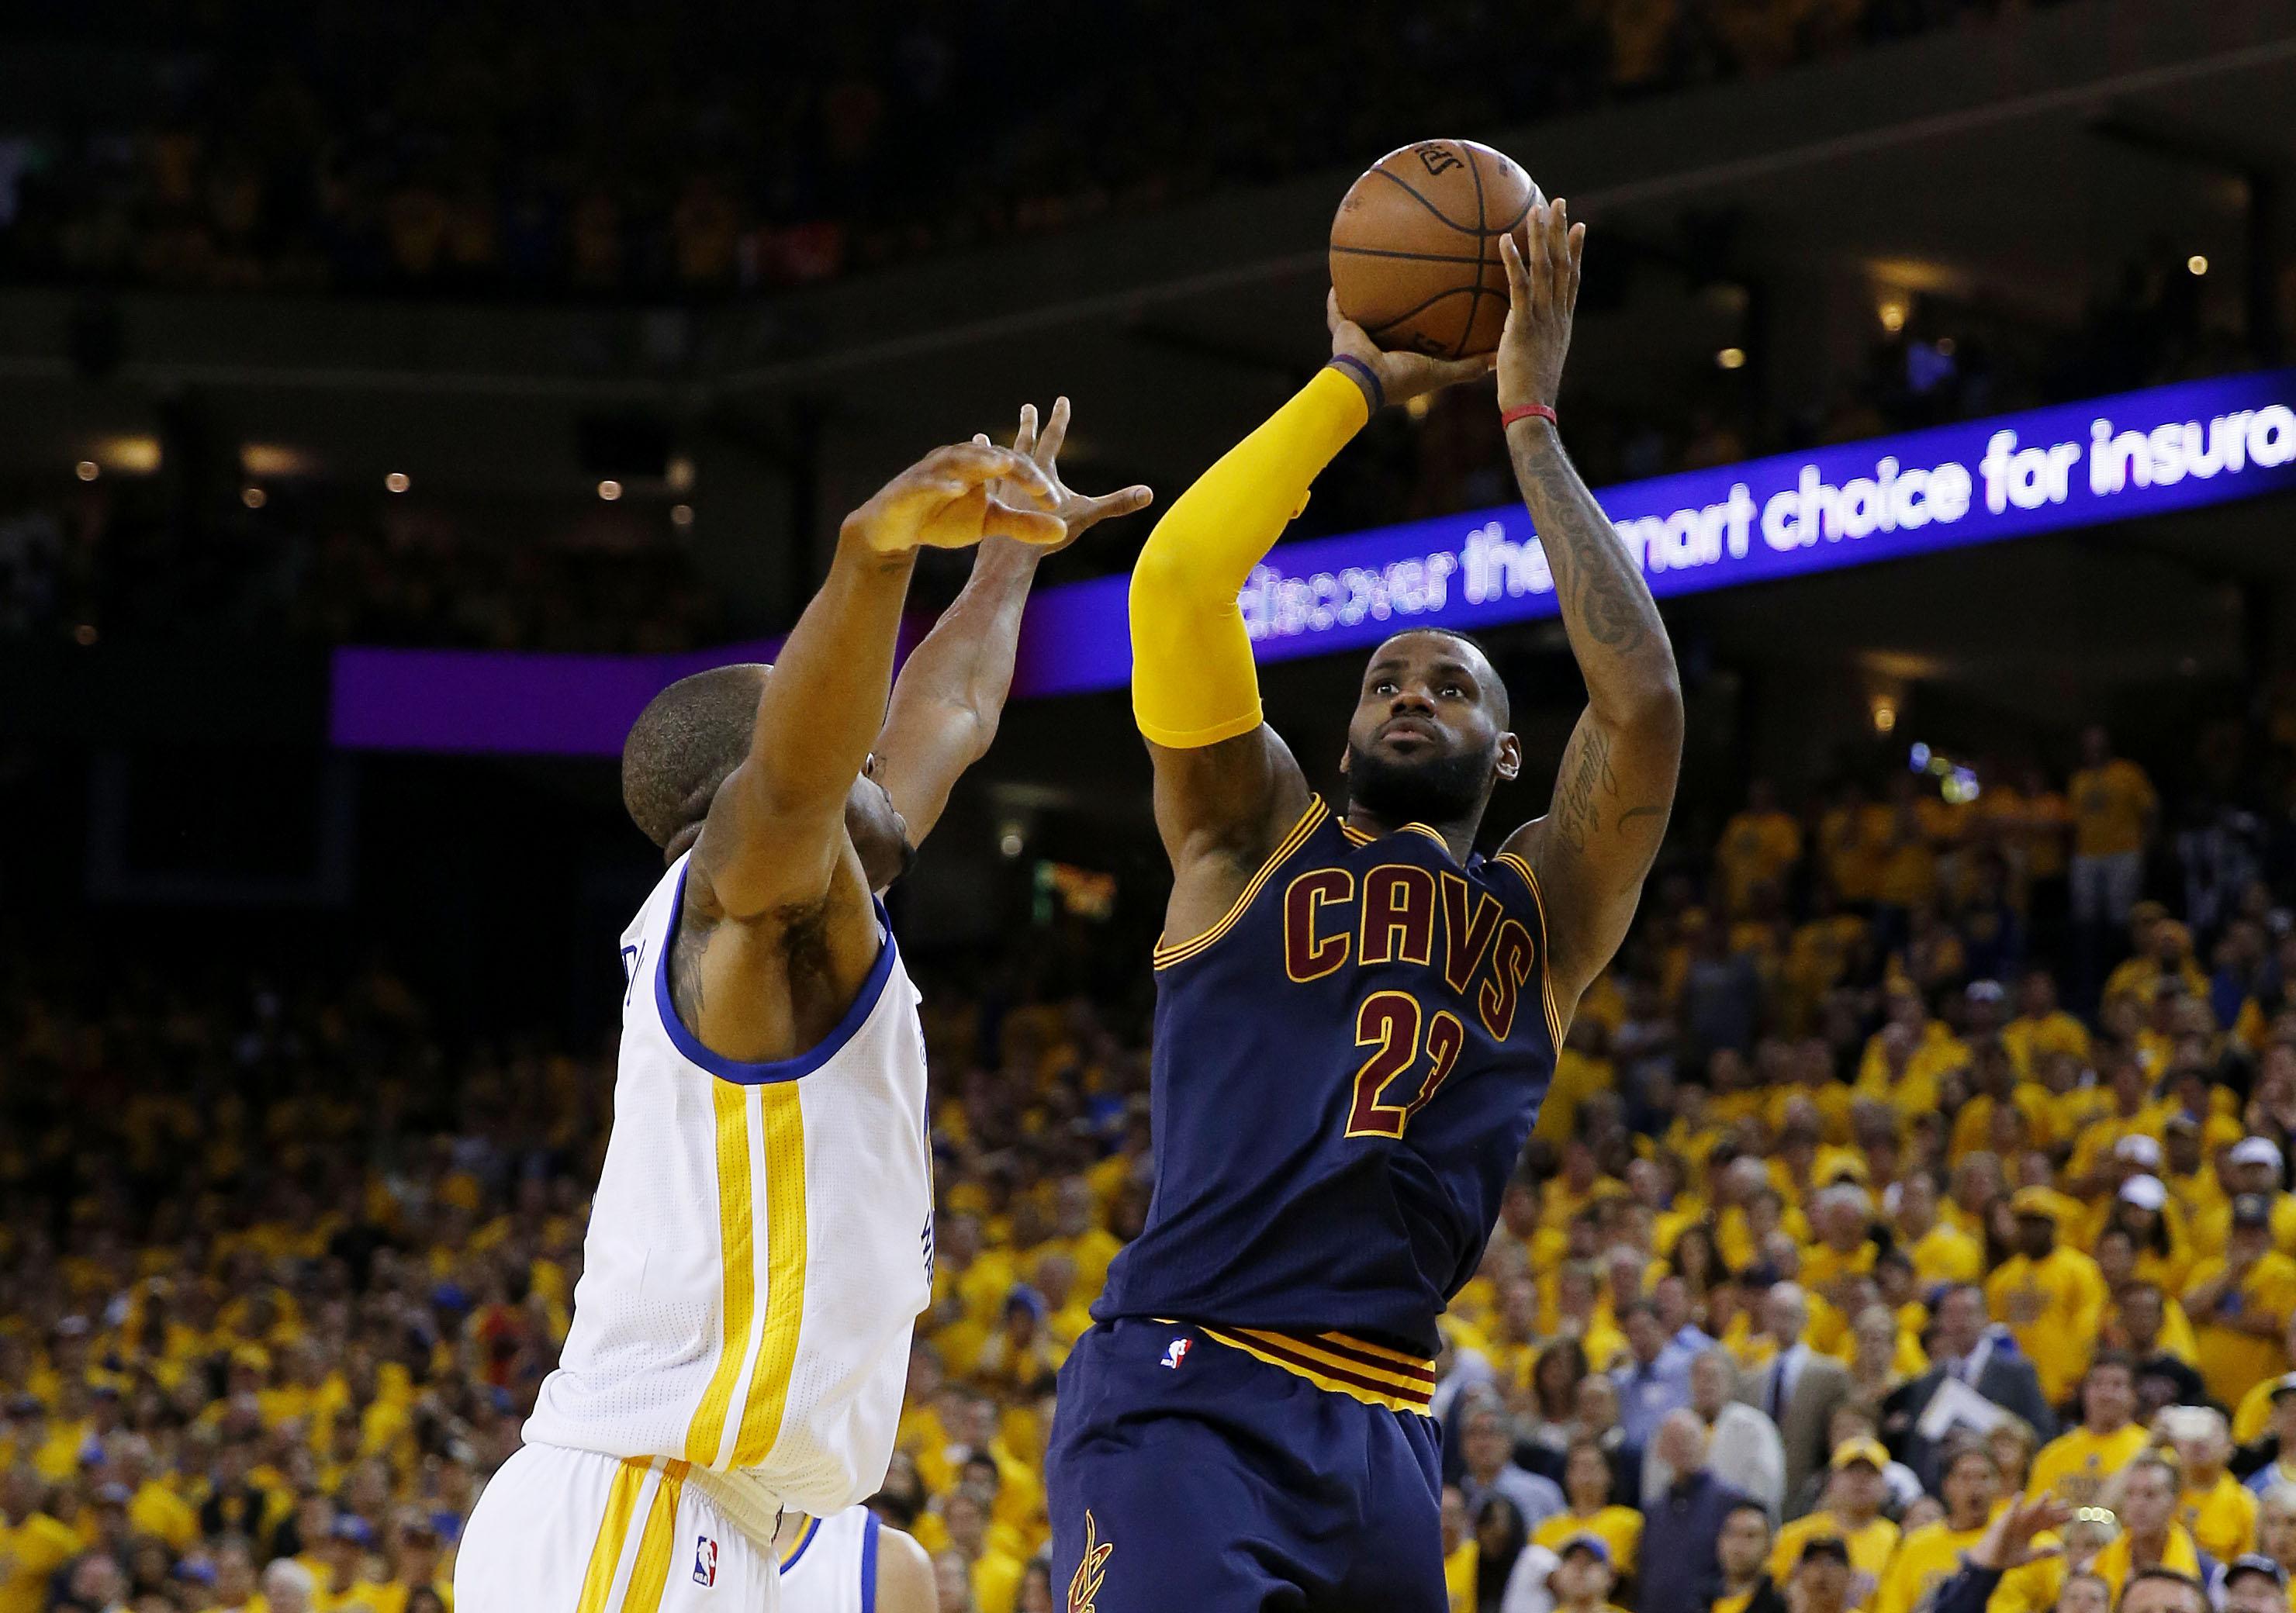 LeBron James, nonostante delle Finals da 30 punti di media, non è riuscito a portare i Cavs all'anello il primo anno